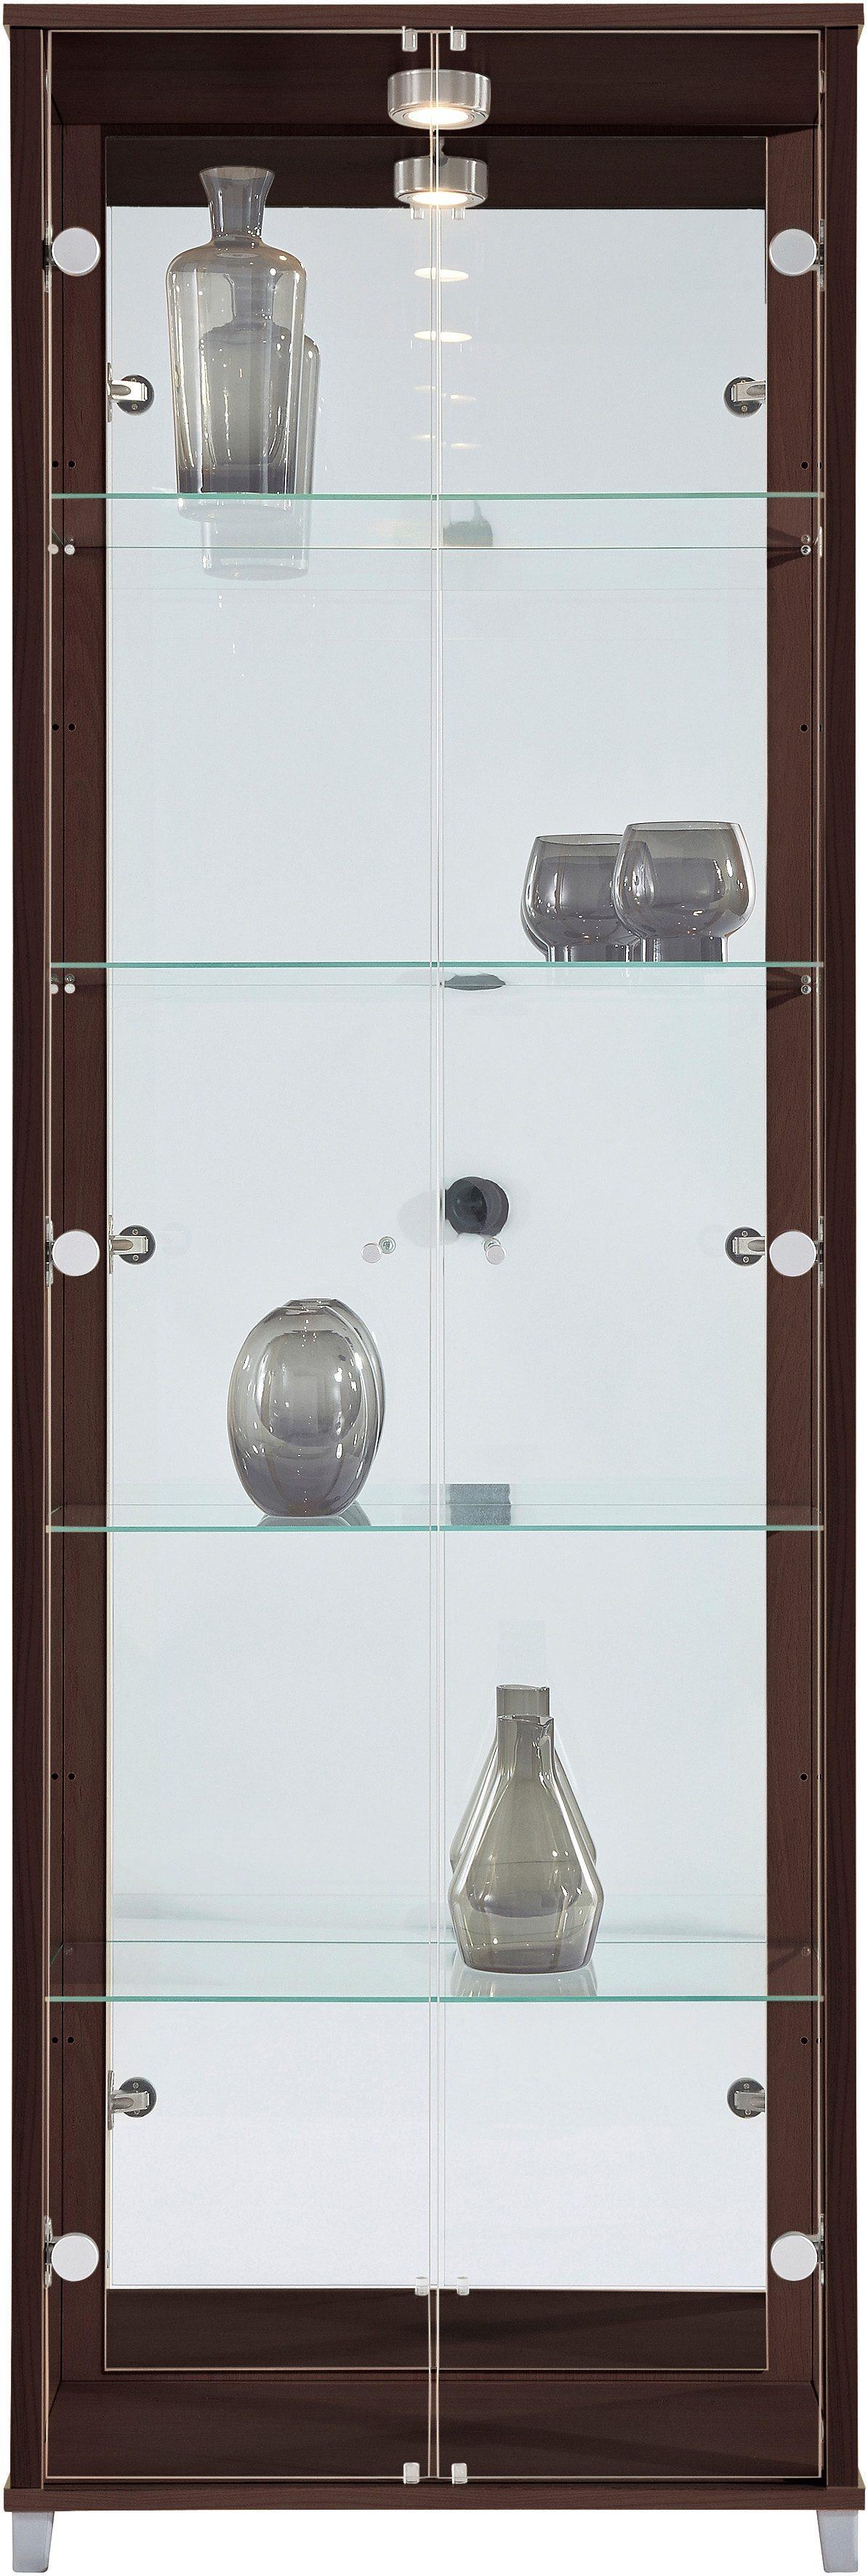 Vitrine, 2-türig mit Spiegelrückwand, 4 Glasböden | Wohnzimmer > Vitrinen > Standvitrinen | Braun | Melamin | QUELLE